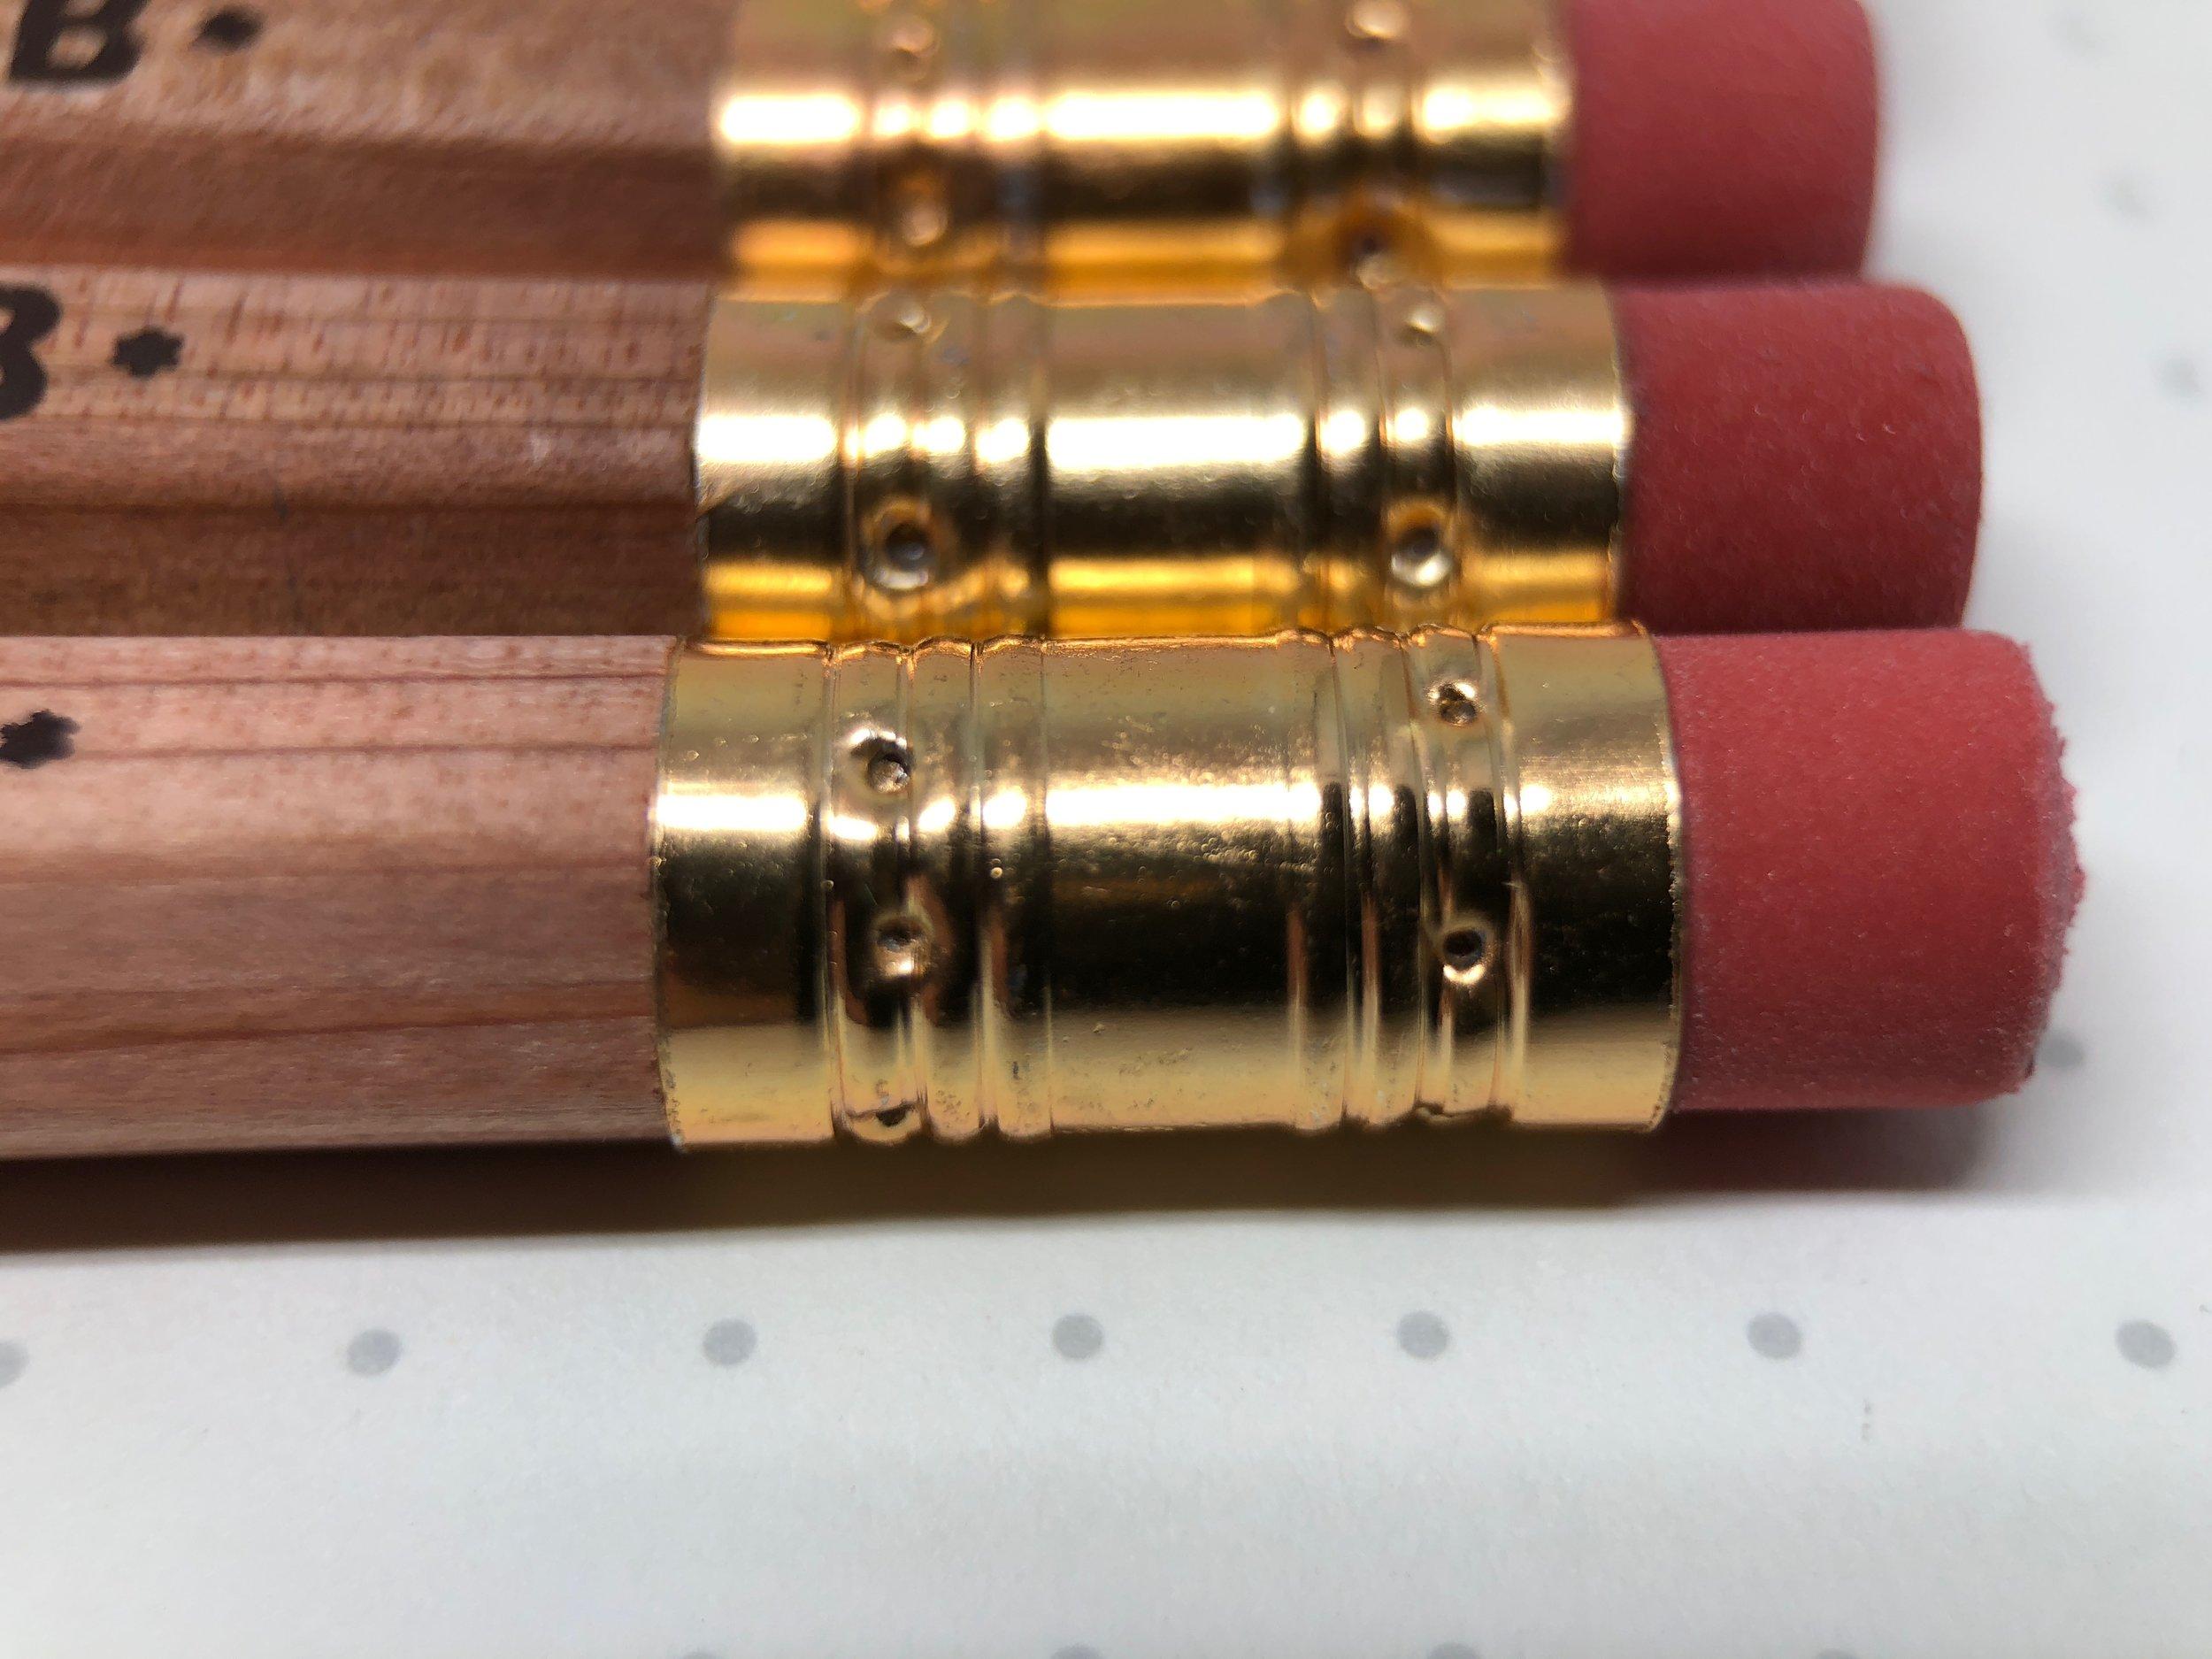 daiso-golden-sword-pencil-8.jpg